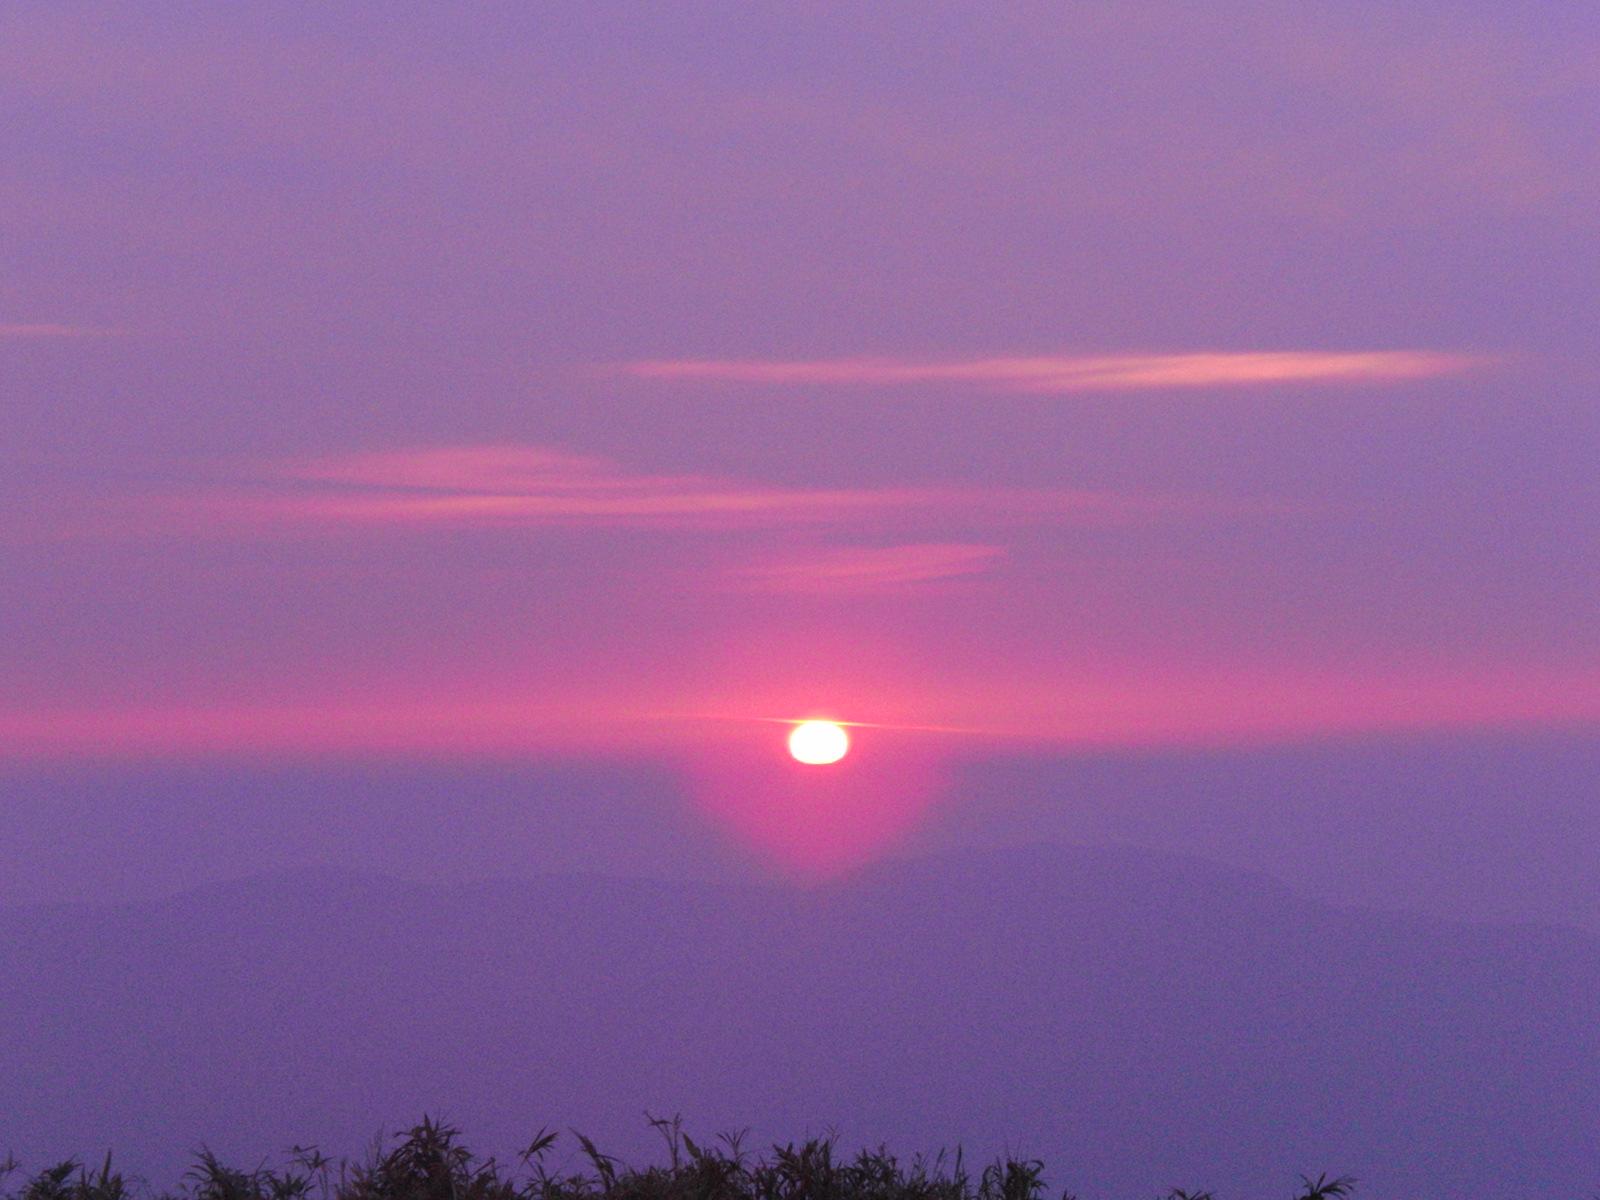 氷ノ山、ご来光登山! (6月24日)_f0101226_14353344.jpg